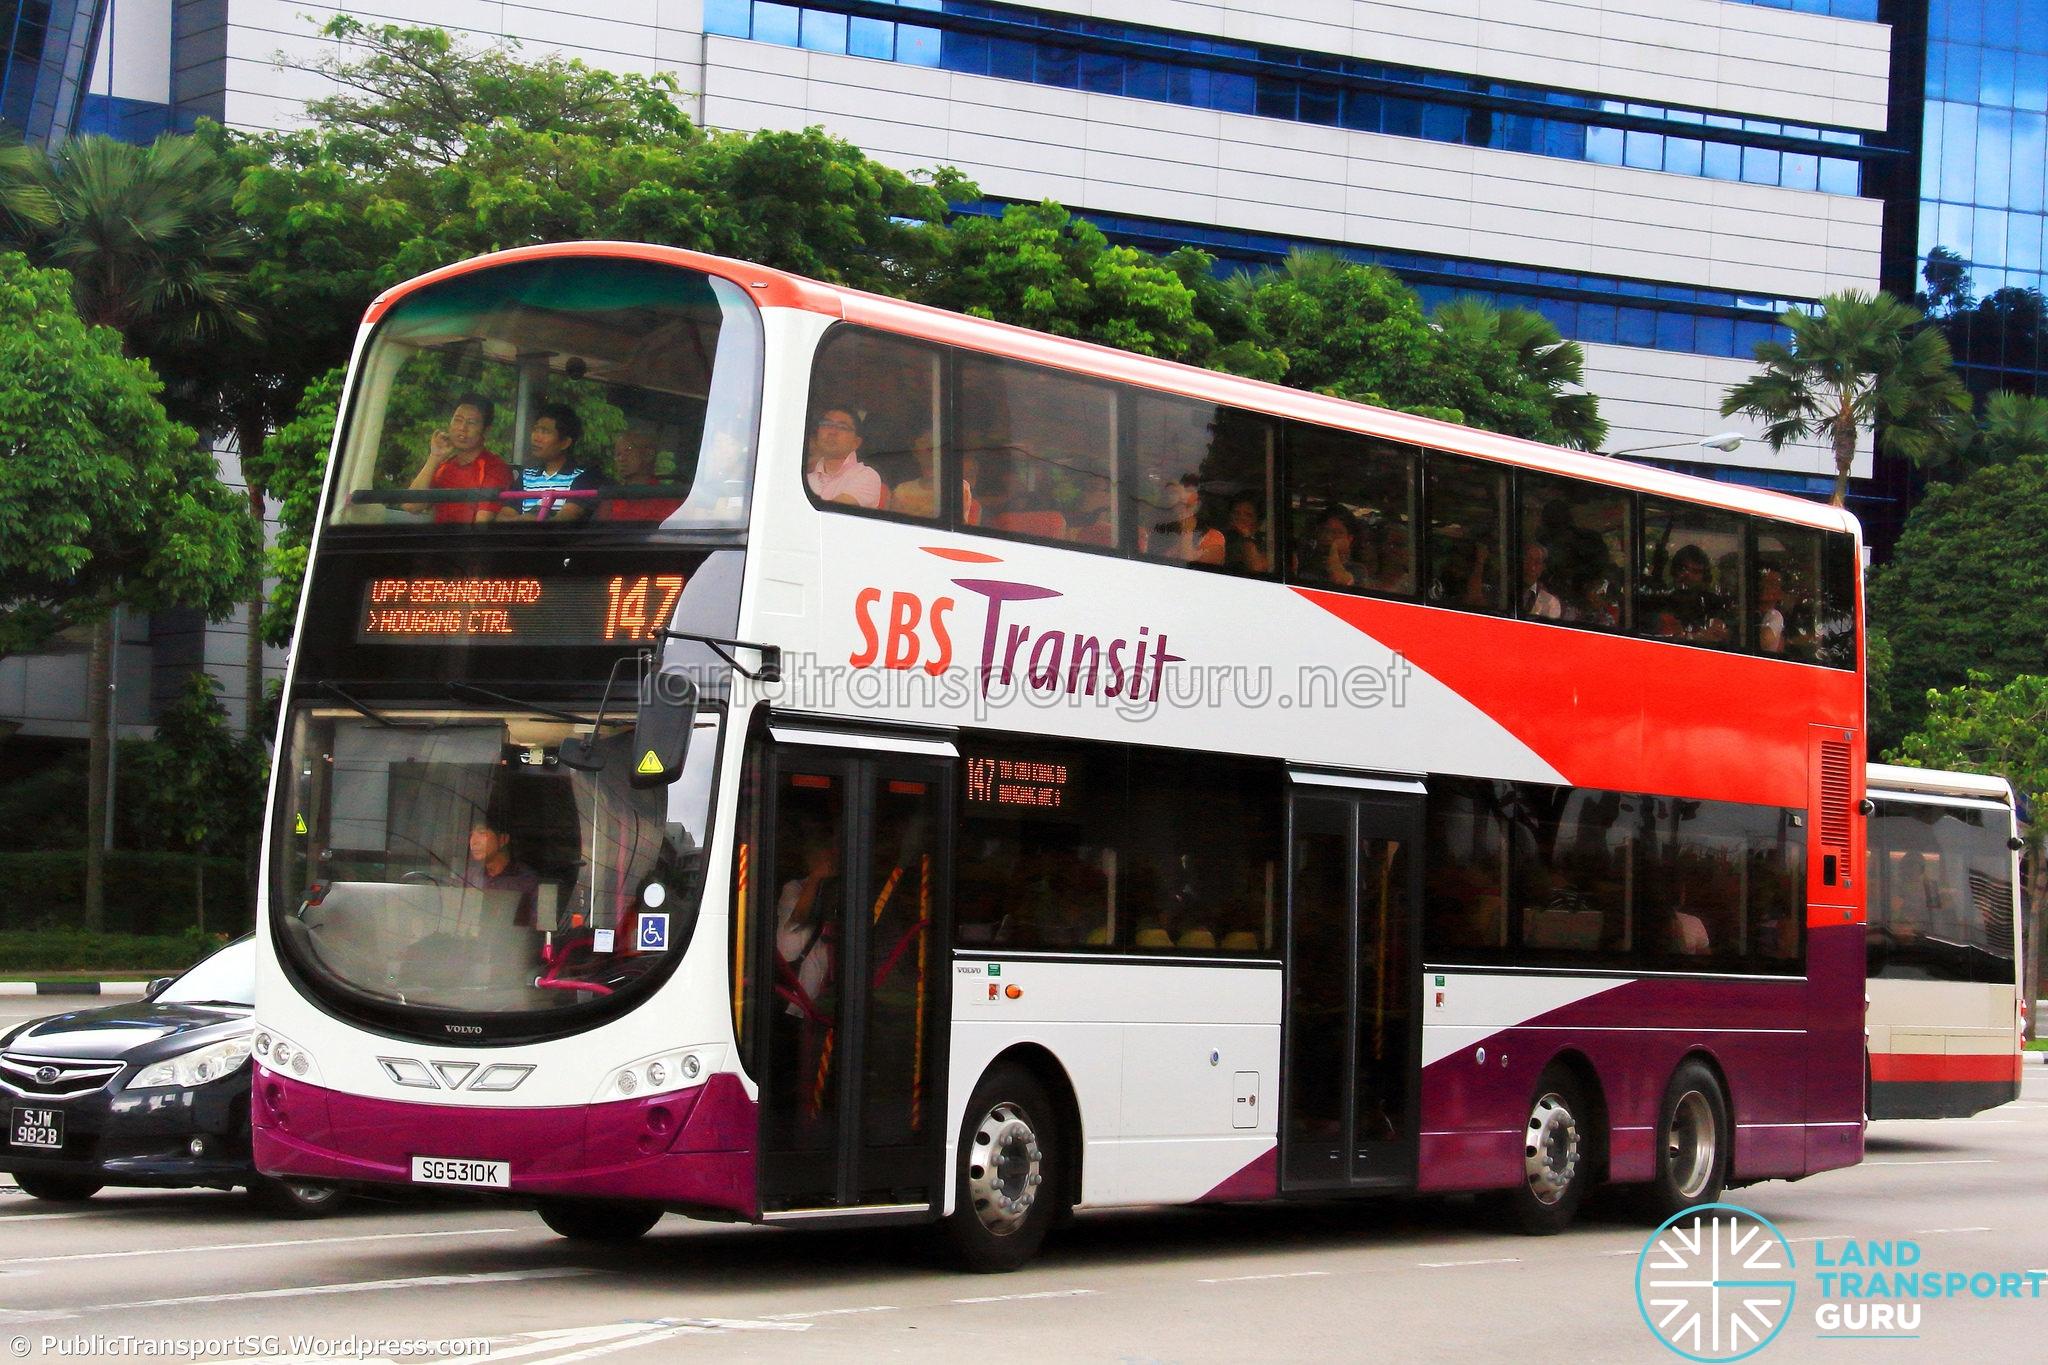 SBS Transit Bus Service 147 | Land Transport Guru